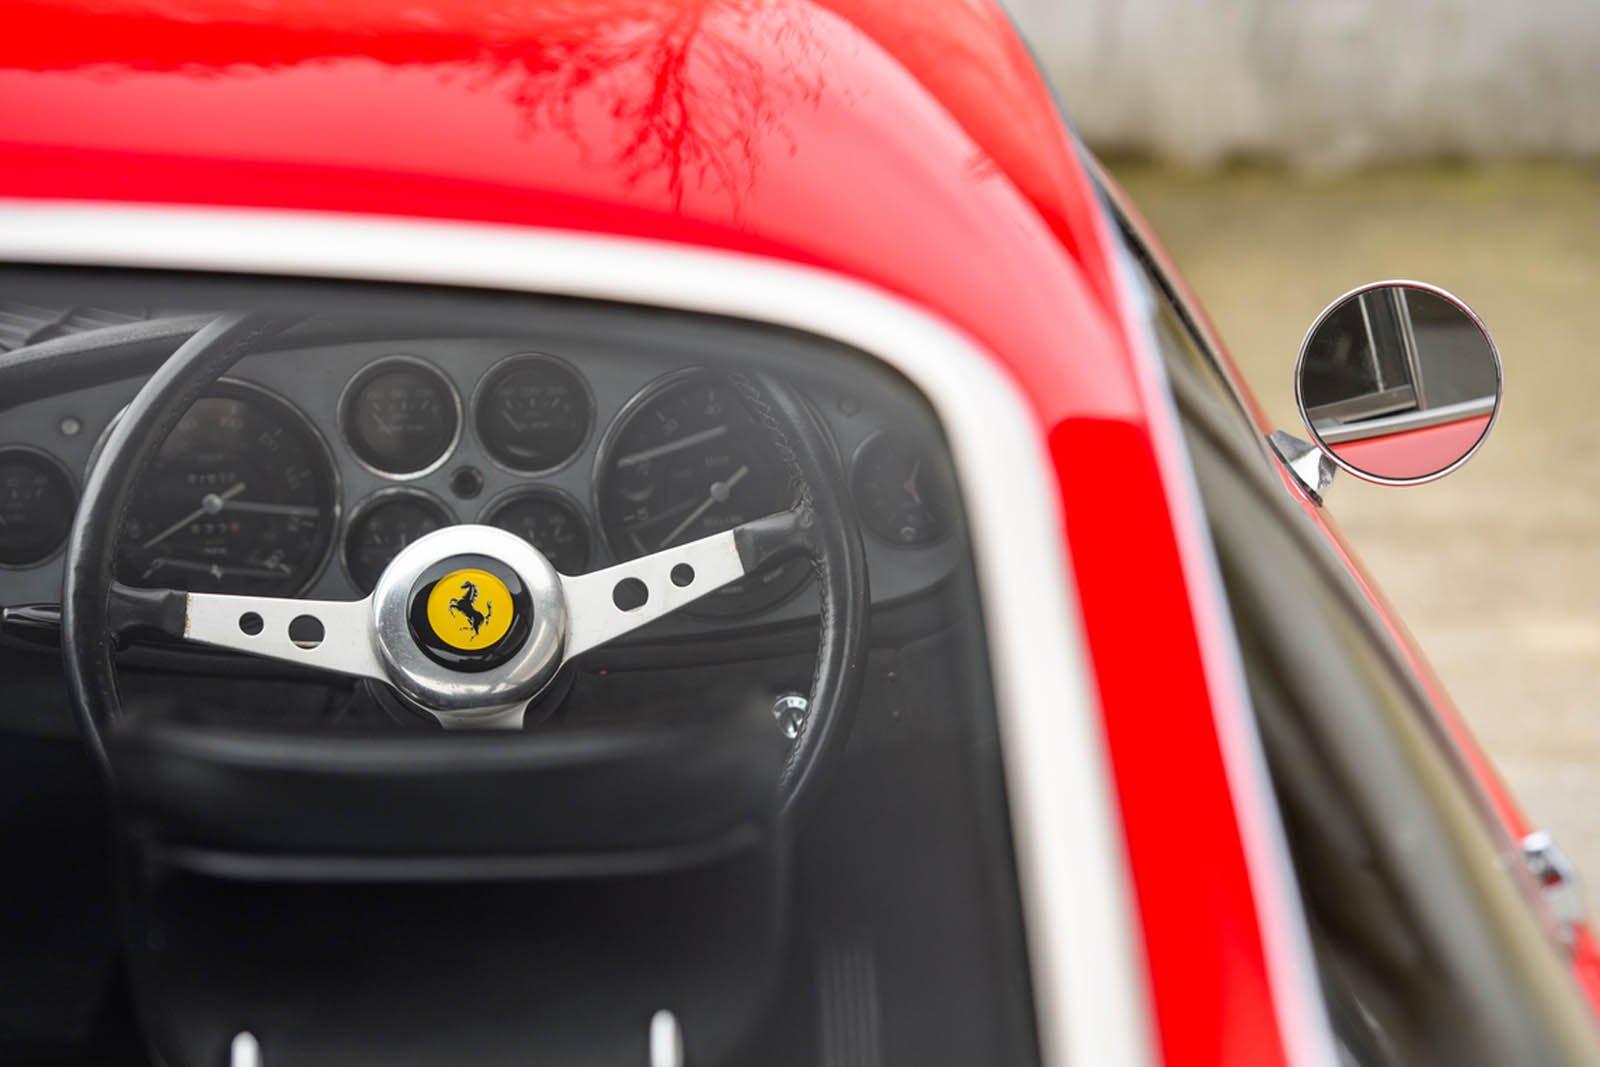 Ferrari-365-GTB4-Daytona-ex-Elton-John-9